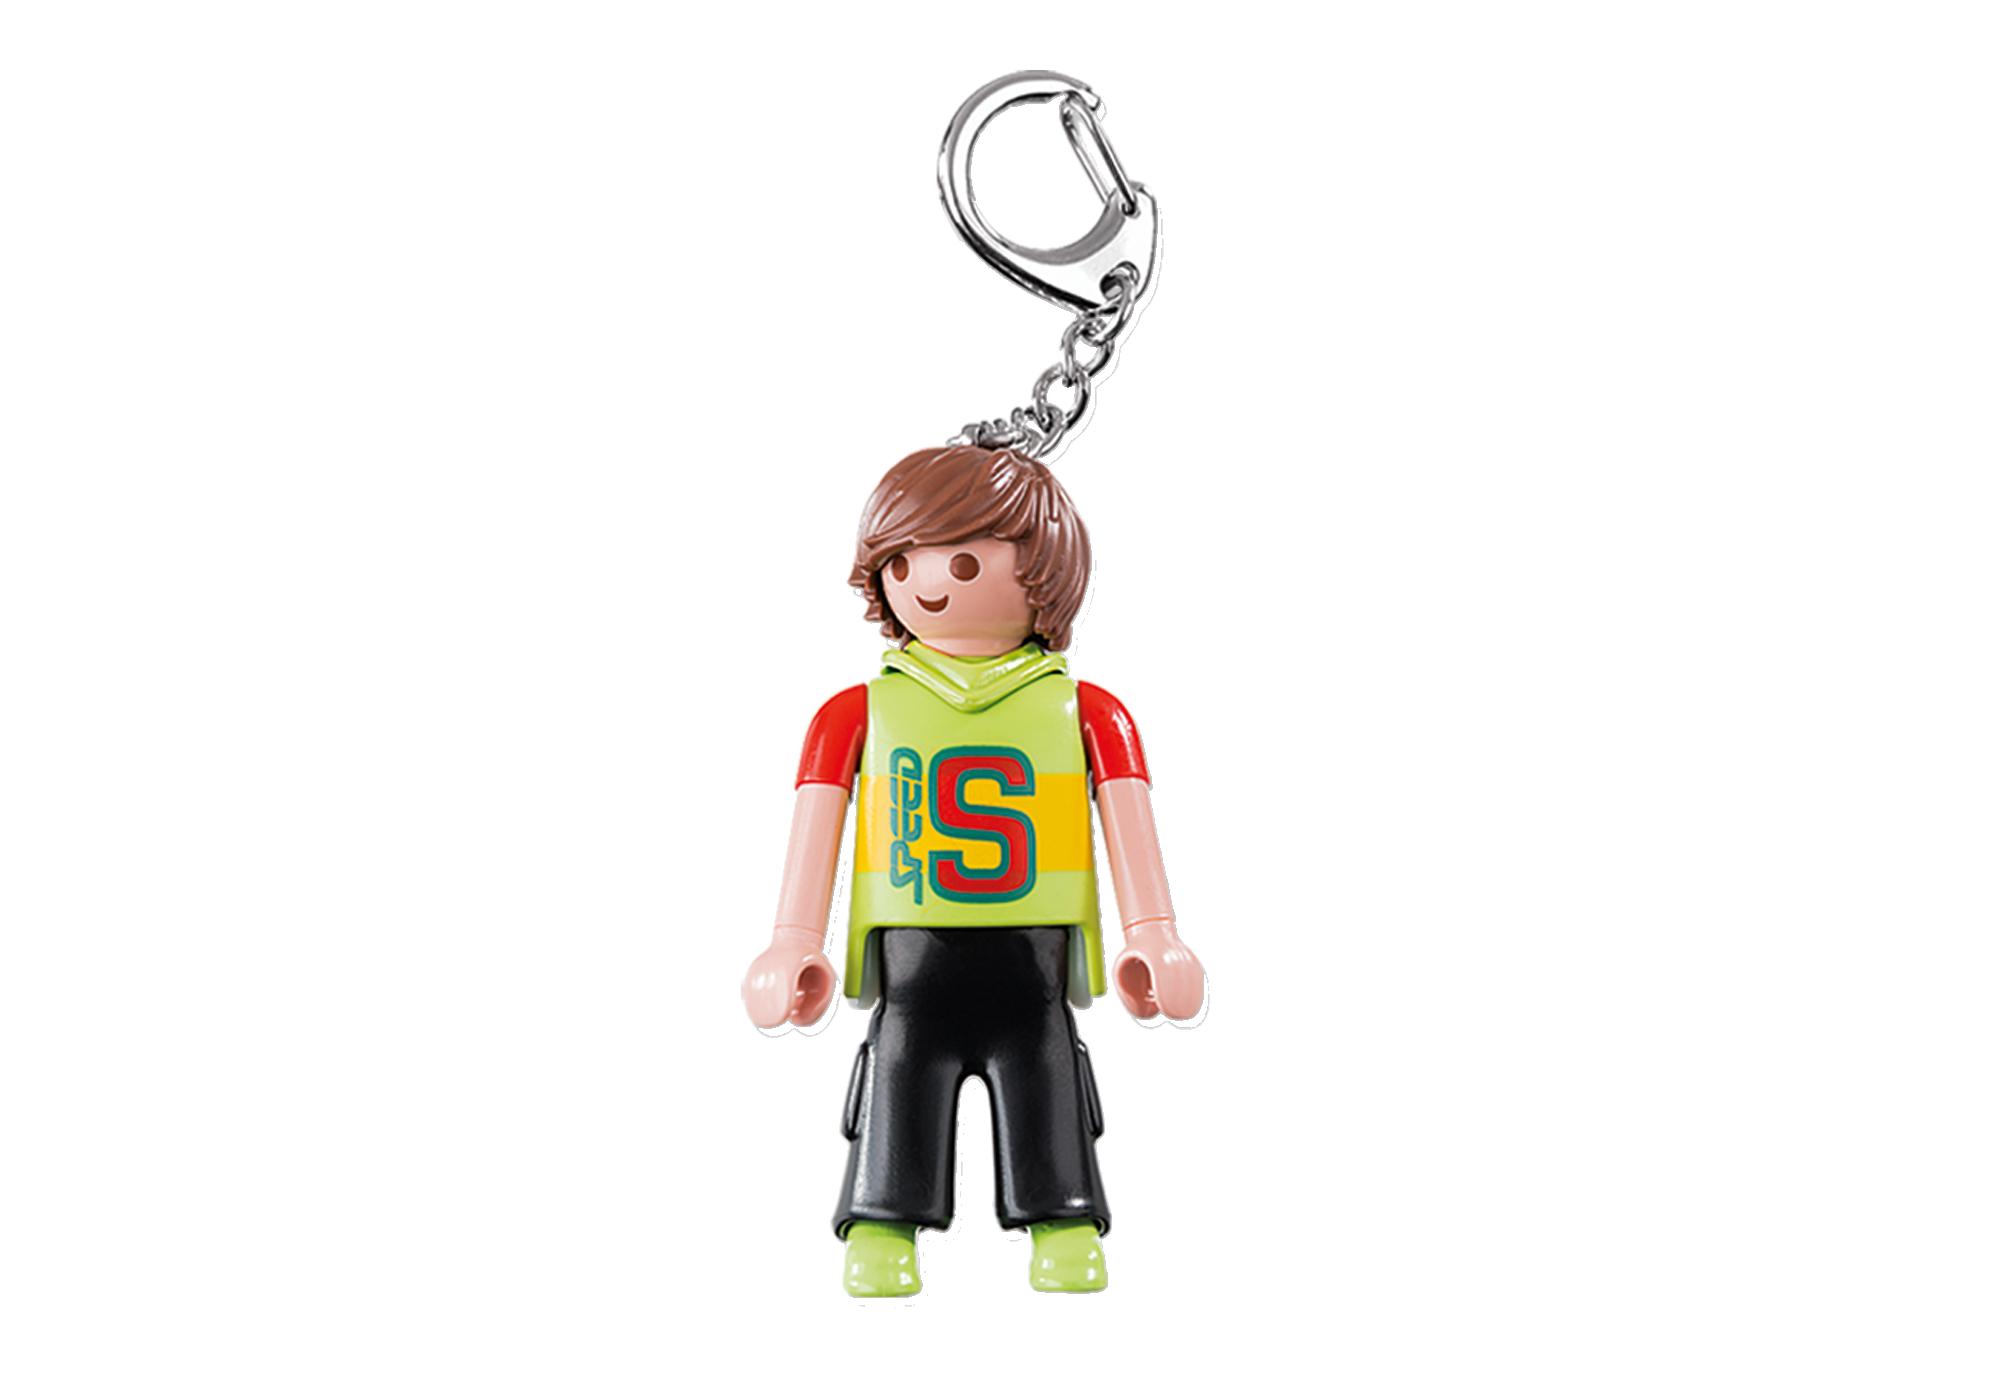 http://media.playmobil.com/i/playmobil/6613_product_detail/Schlüsselanhänger Teenager